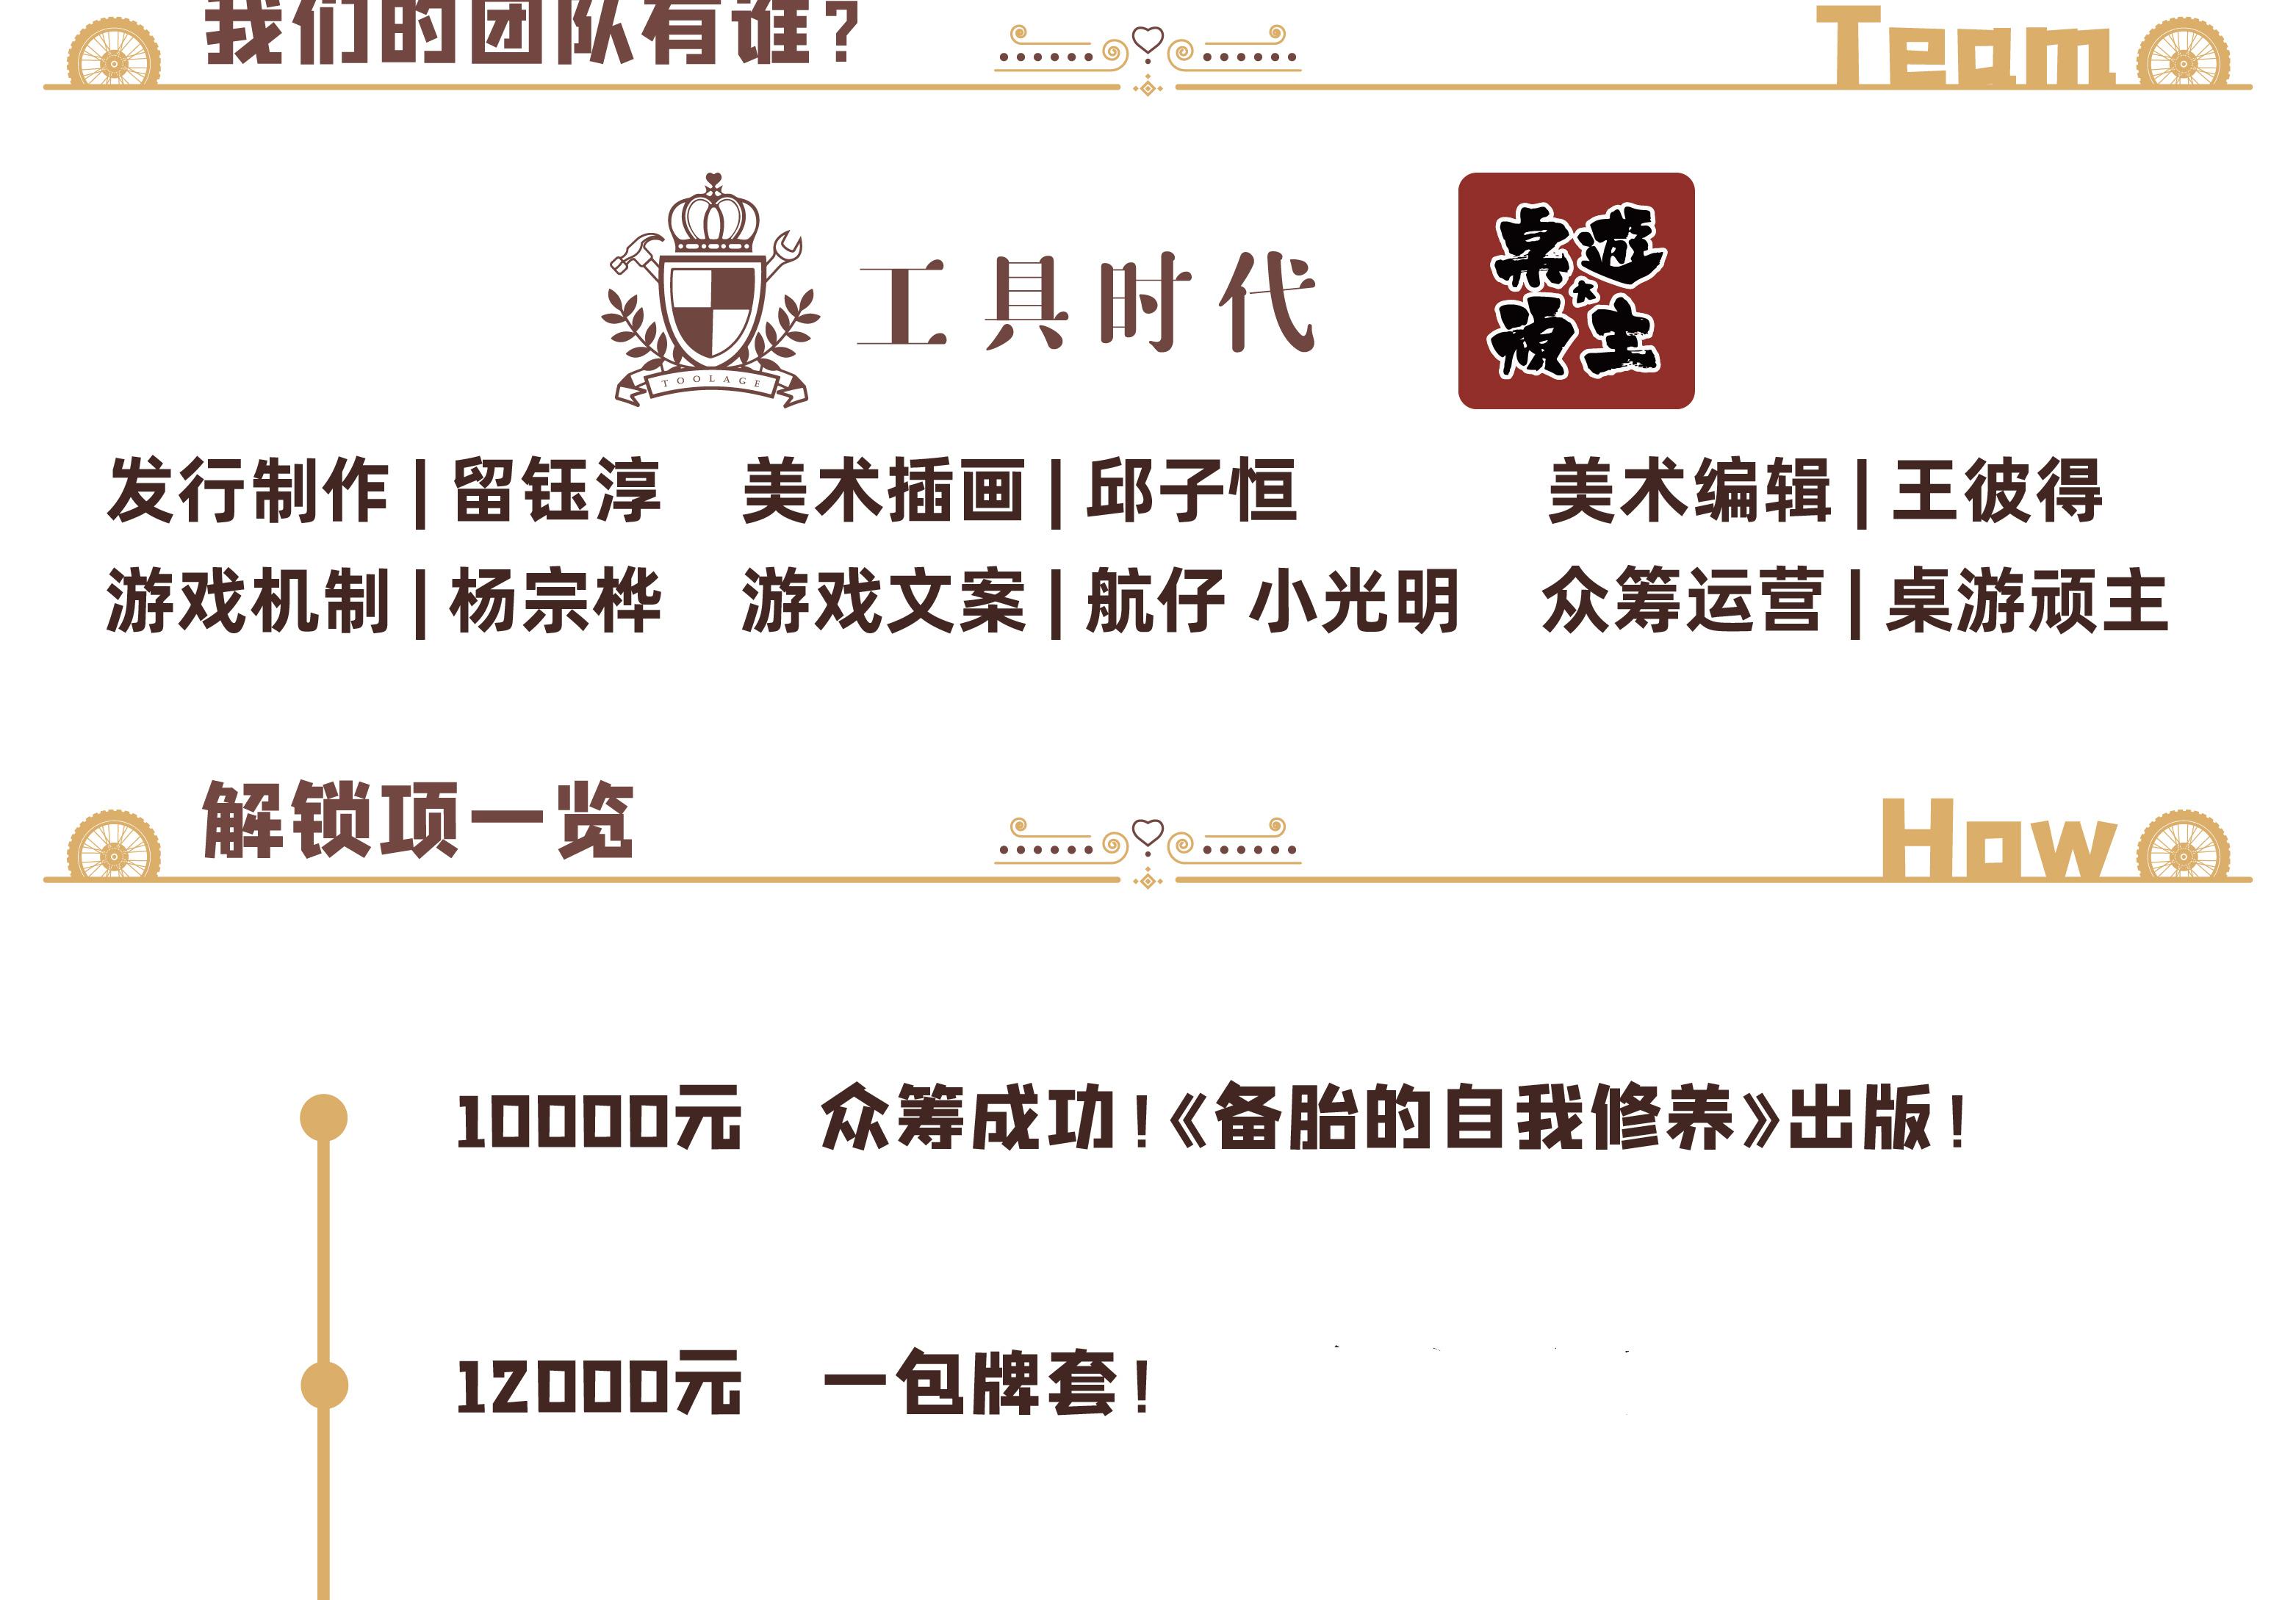 20190904-众筹封面-详情_画板-1_19.jpg